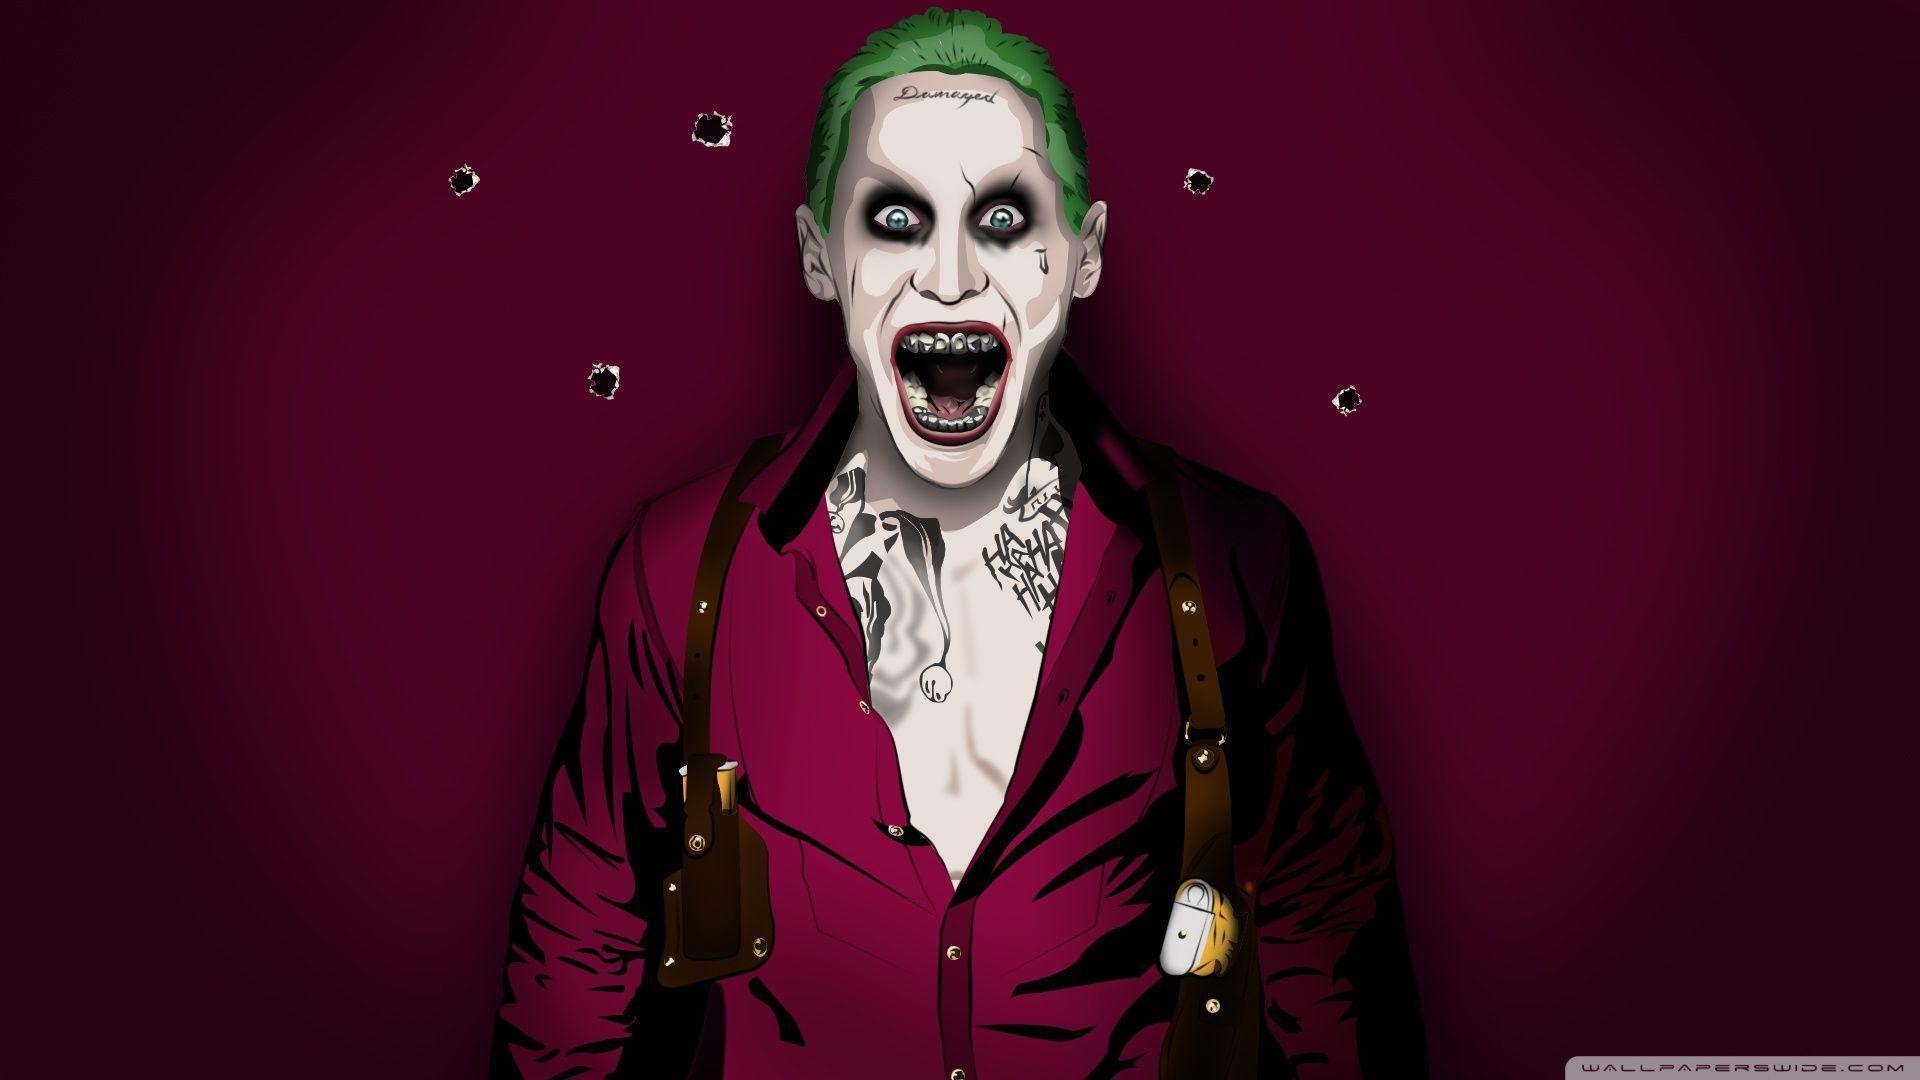 Jared leto joker wallpapers wallpaper cave for Joker wallpaper 4k